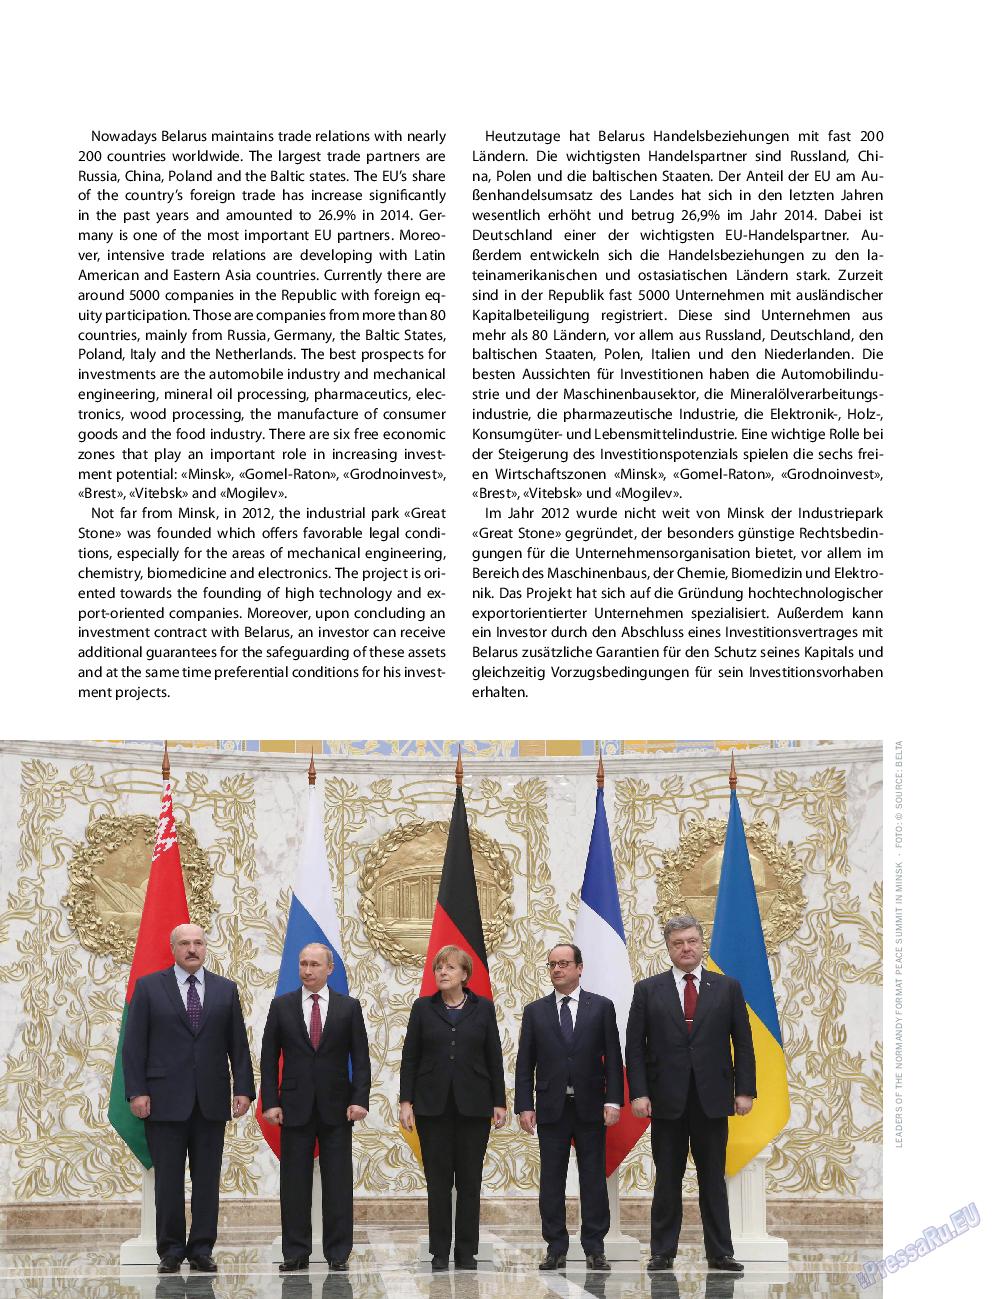 Клан (журнал). 2015 год, номер 8, стр. 42